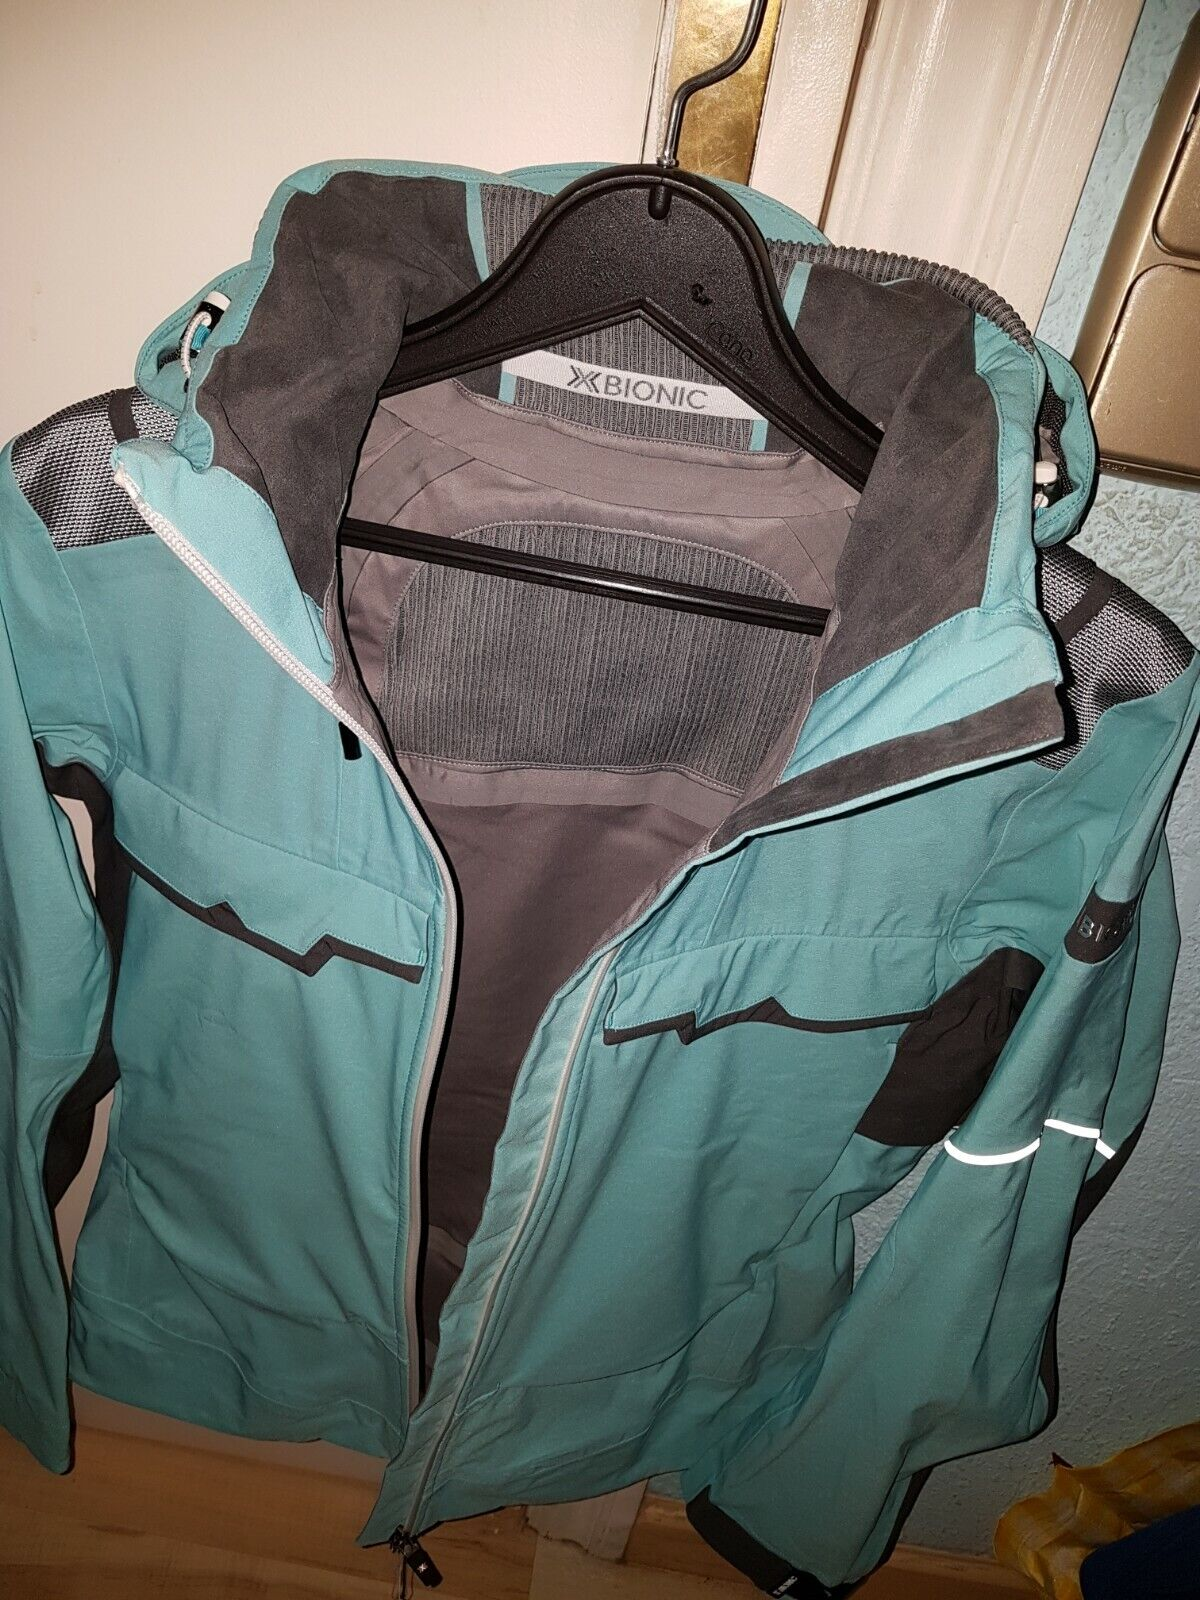 Xbionic chaqueta verde muy  completa T.44  las mejores marcas venden barato